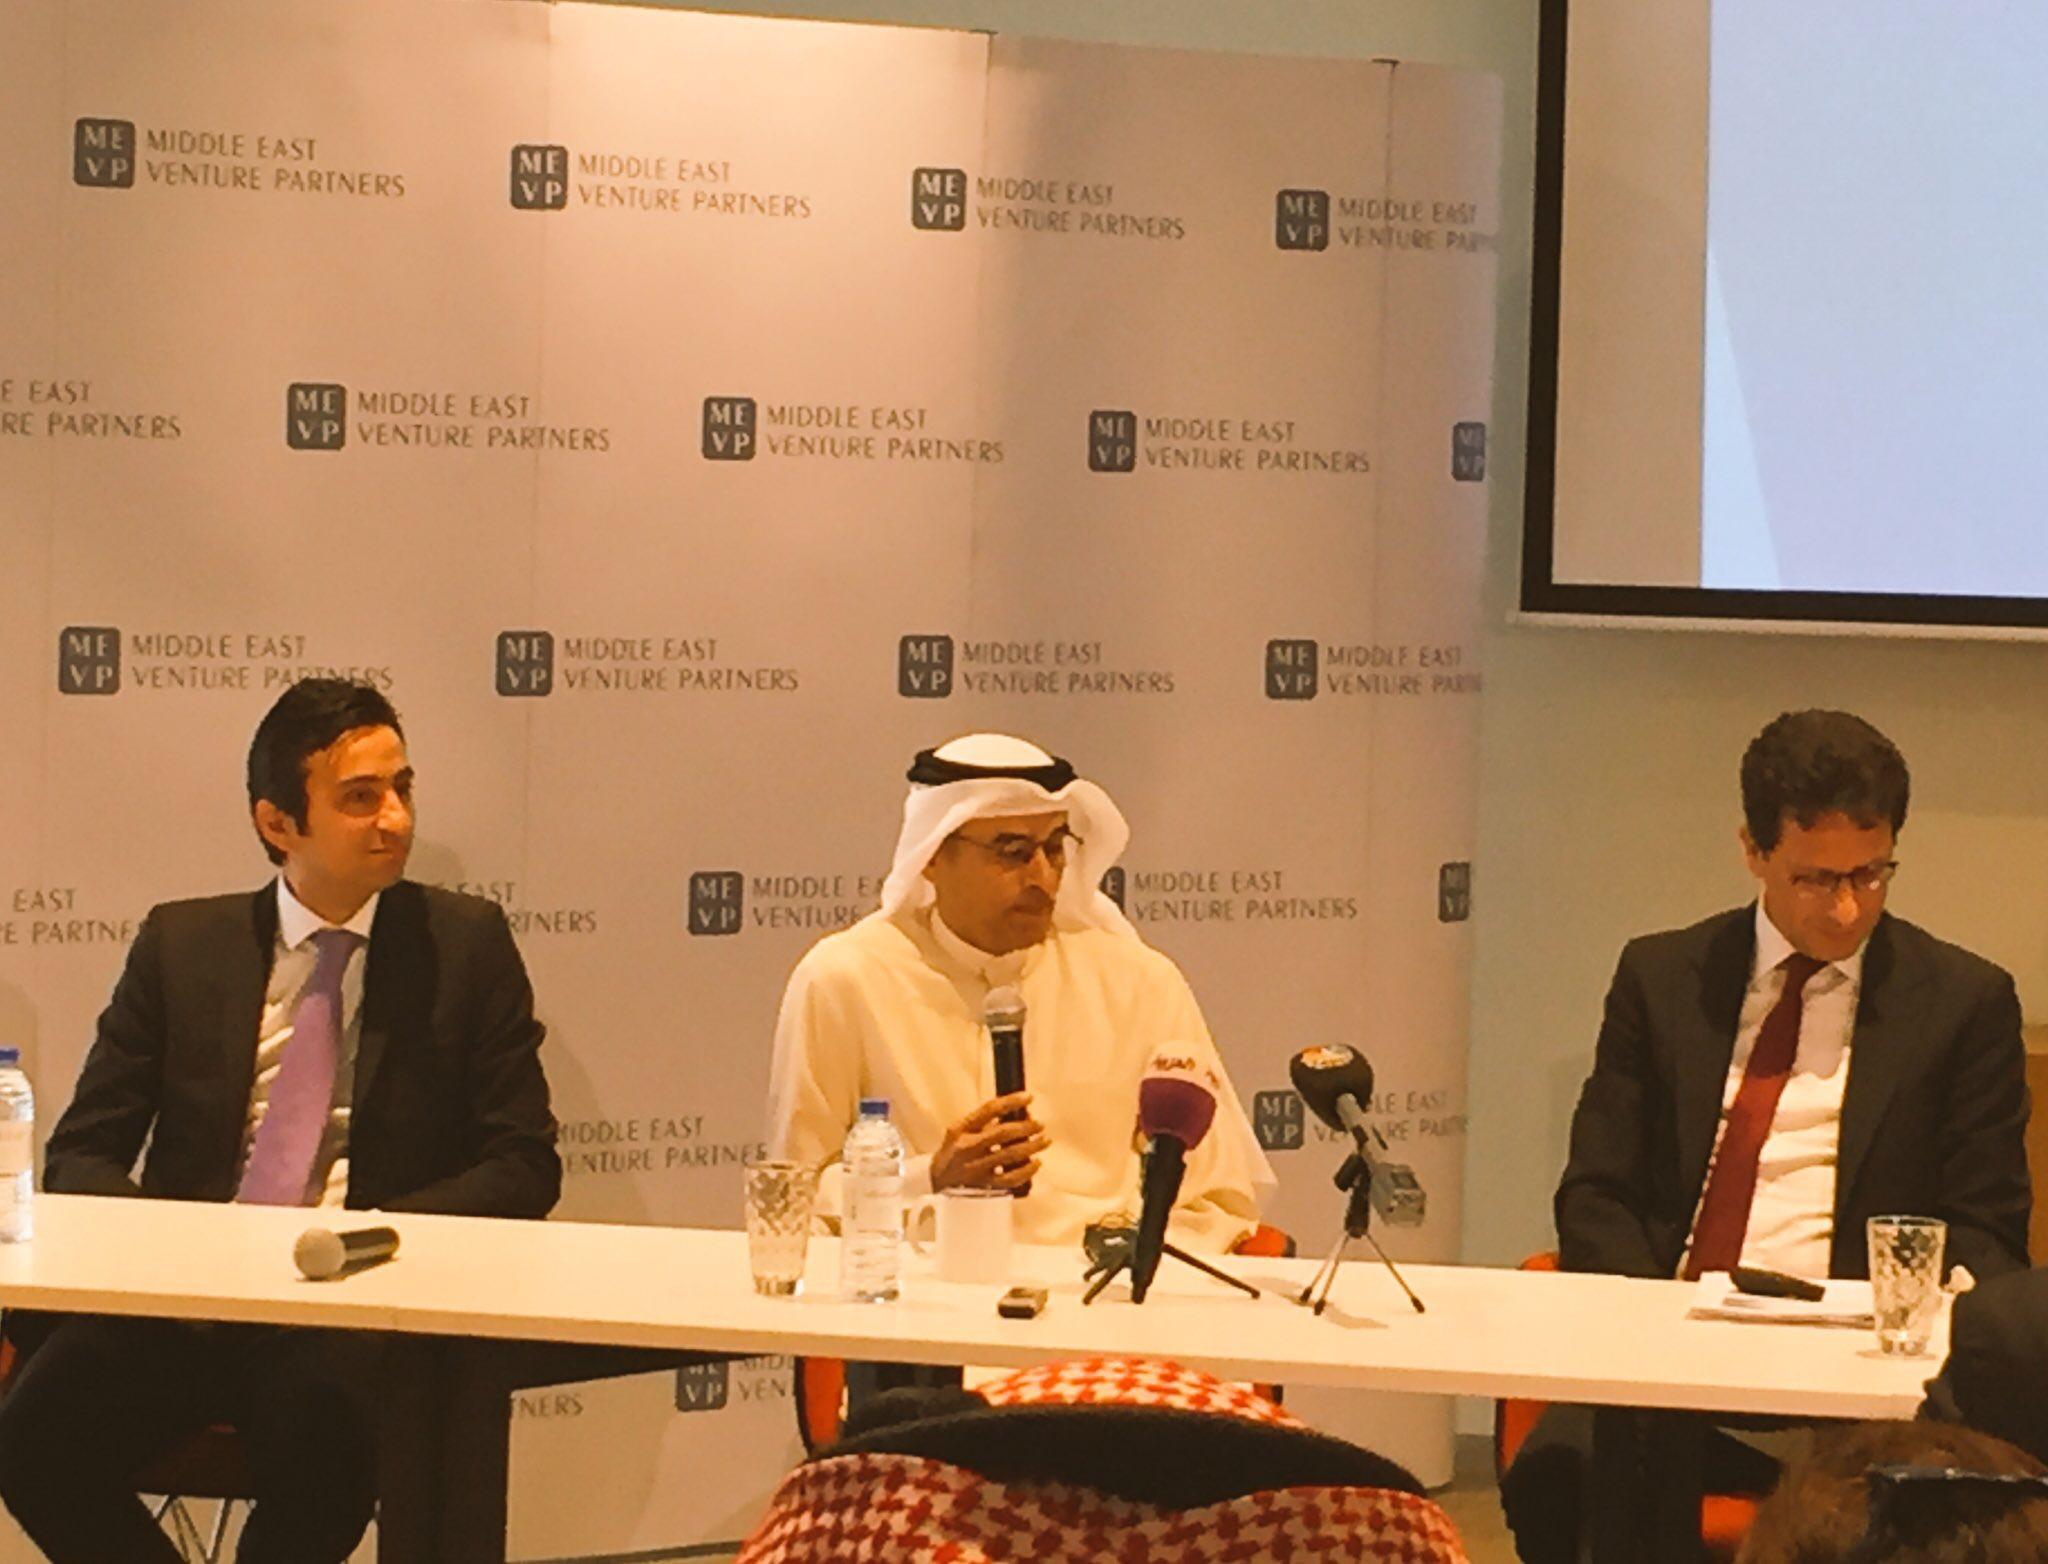 محمد العبار وMEVP يطلقان صندوقاً لرأس المال المخاطر  بقيمة 250 مليون دولار موجهاً لمنطقة الشرق الأوسط وشمال أفريقيا